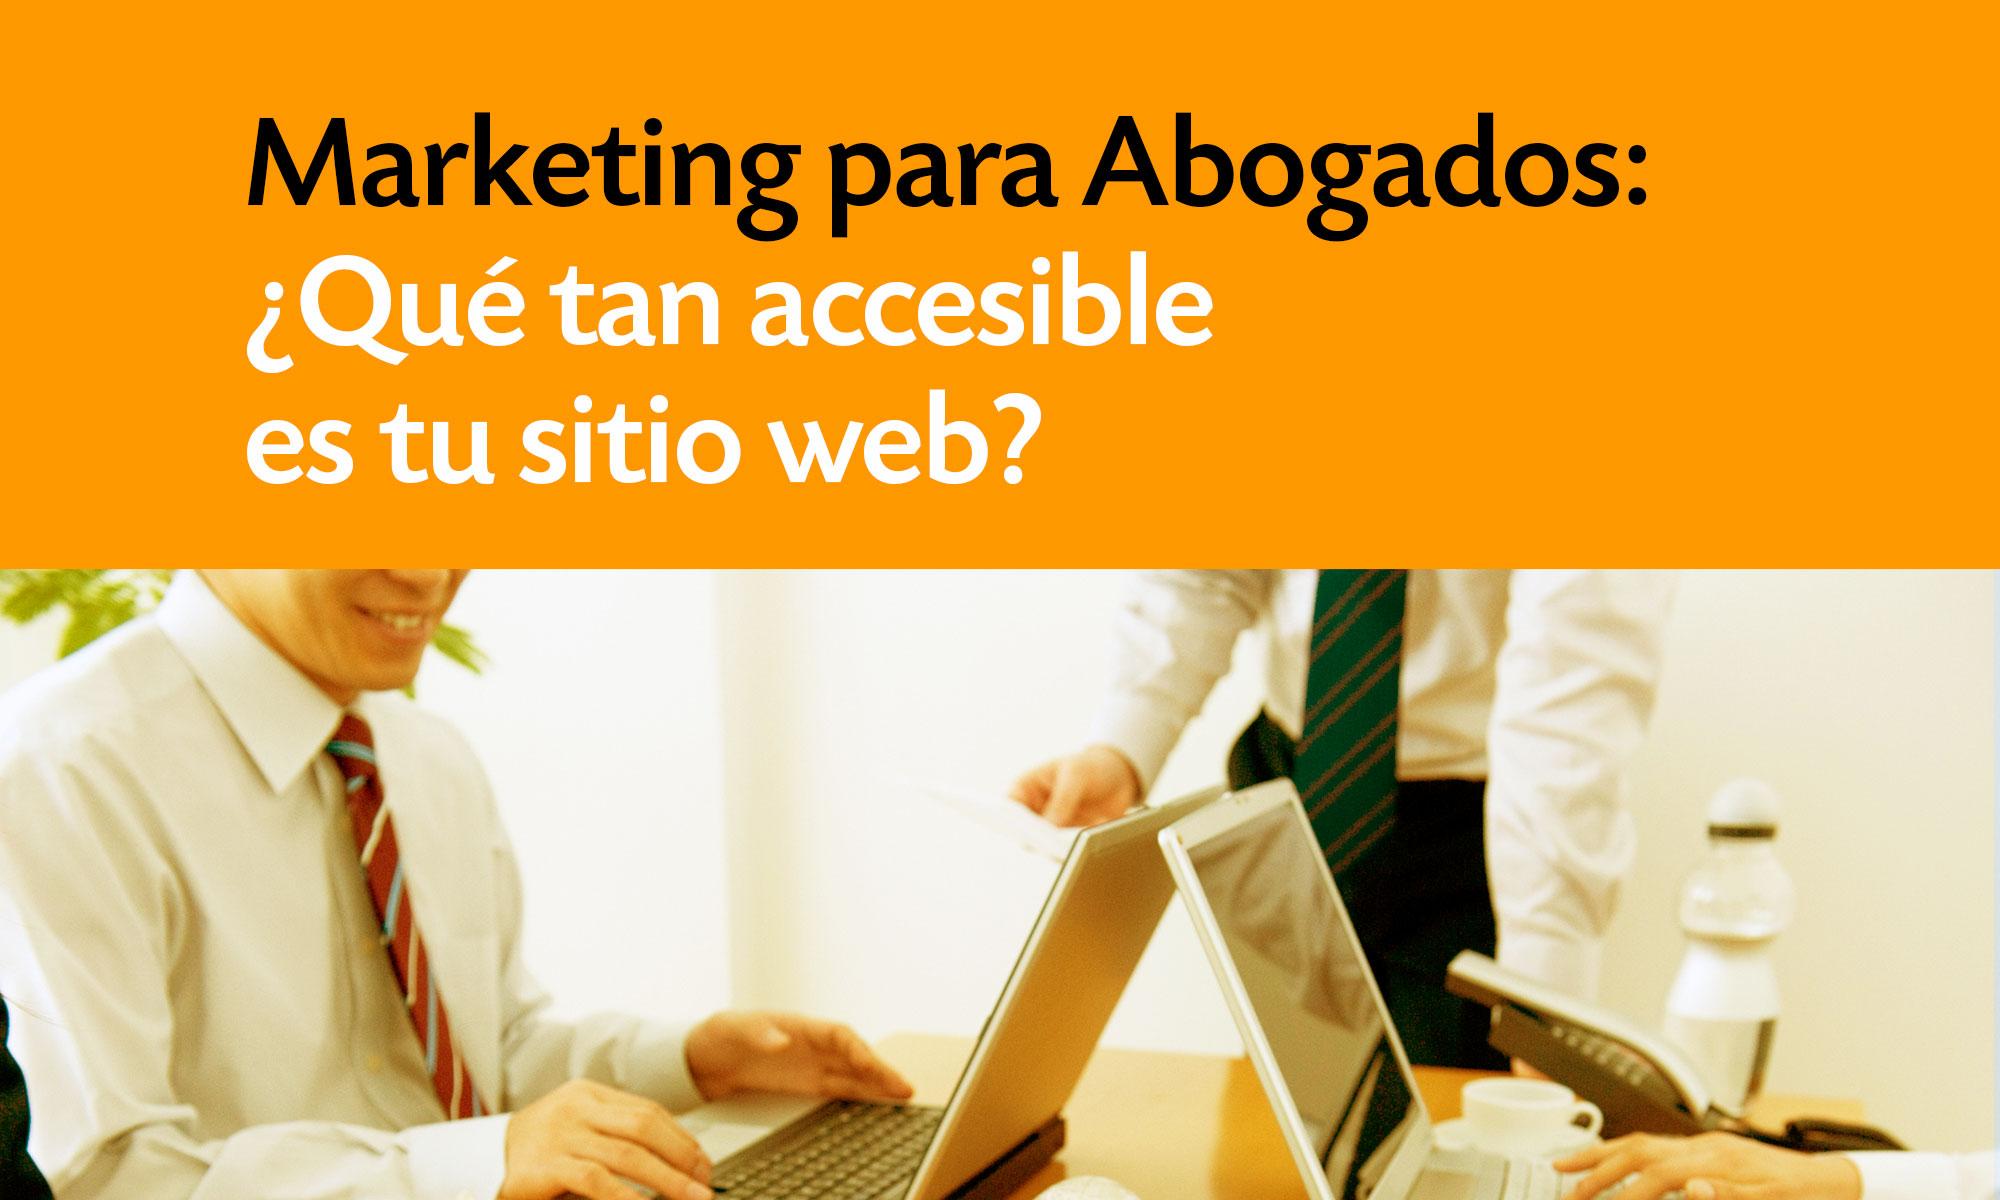 Marketing Para Abogados Qu Tan Accesible Es Tu Sitio